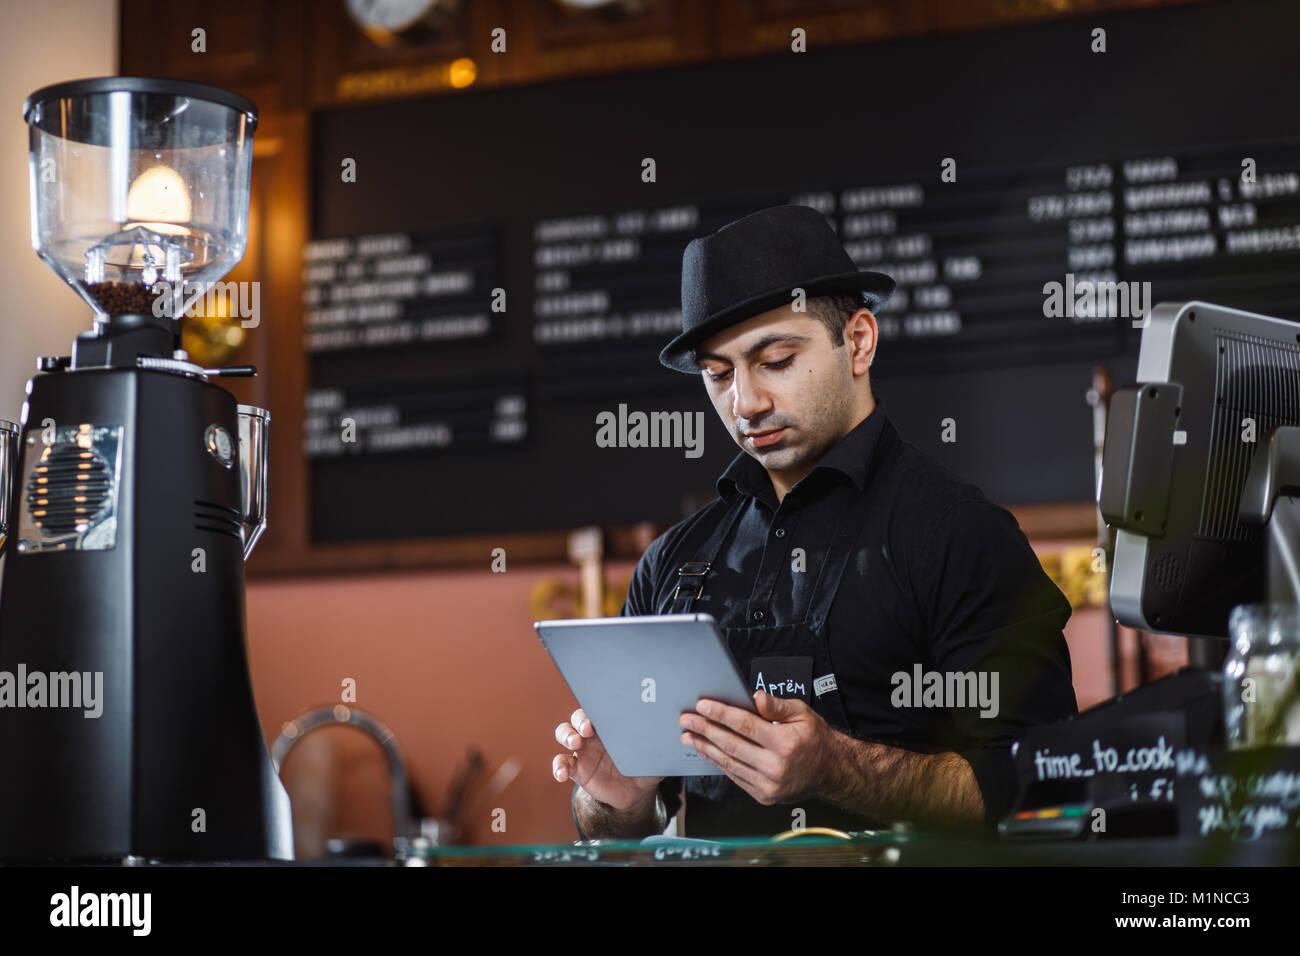 Ritratto del barista azienda digitale compressa al contatore nel coffee shop. Immagini Stock